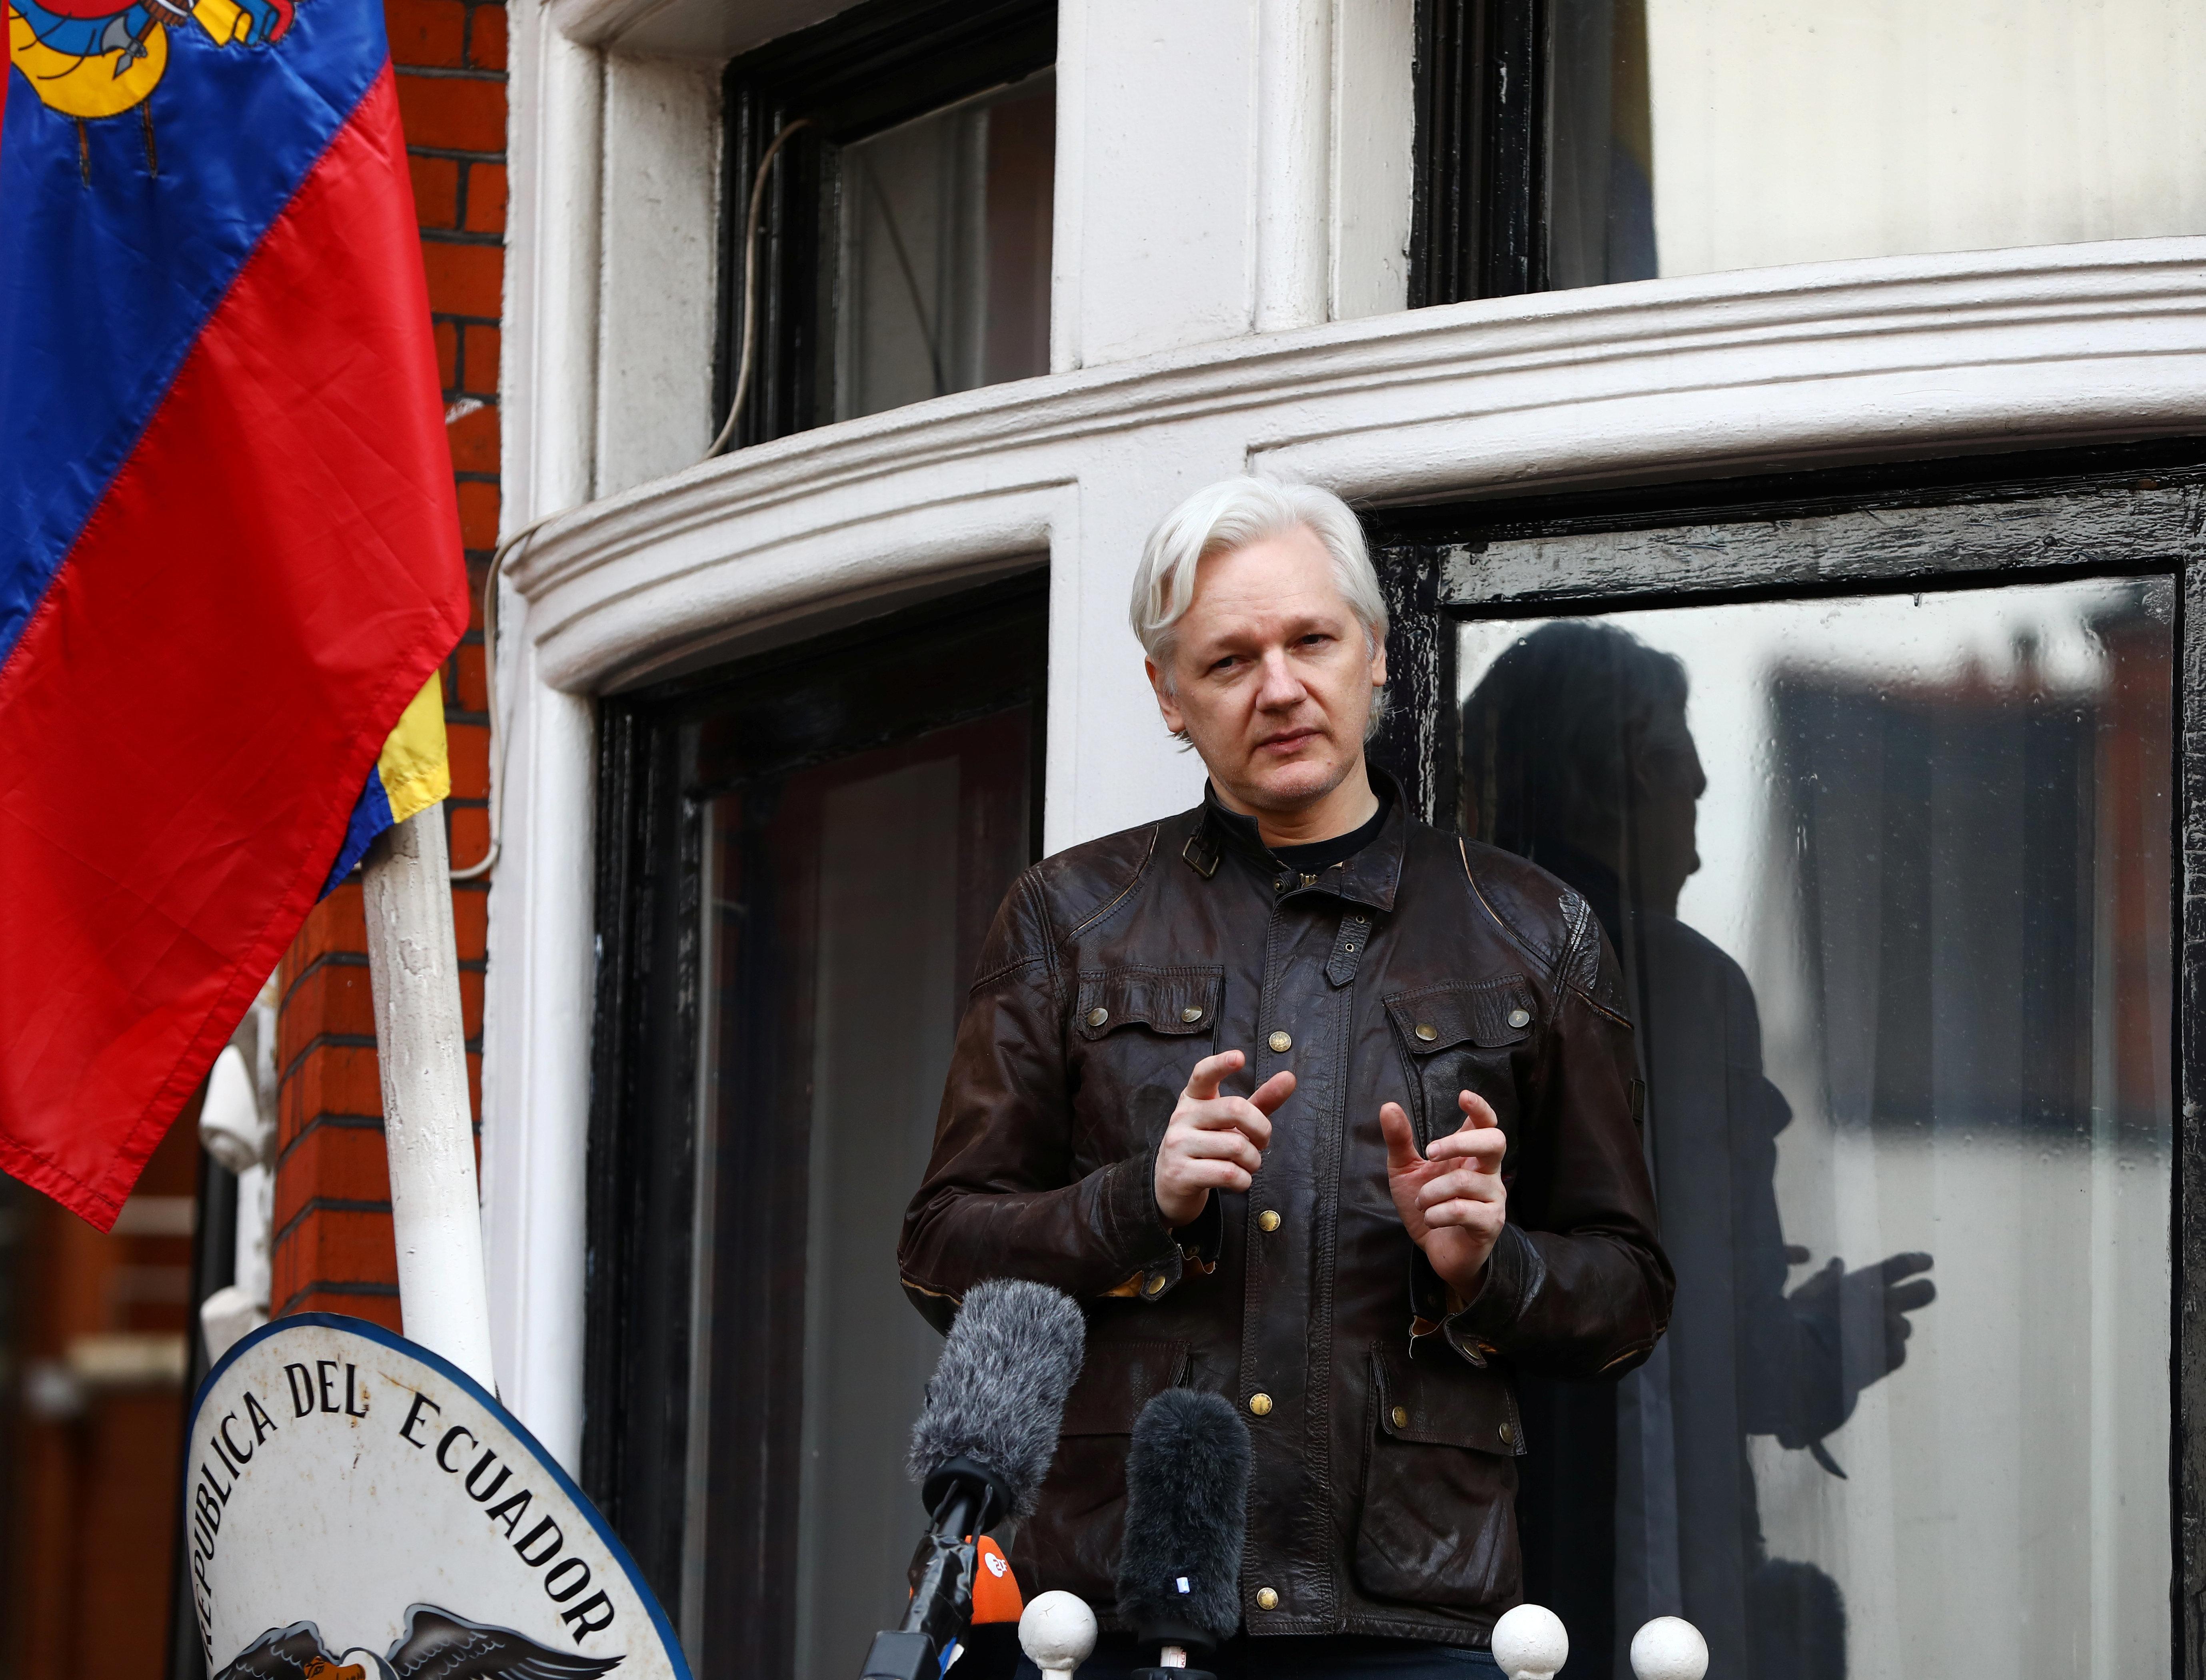 Ce qu'Assange dit redouter s'il est extradé aux